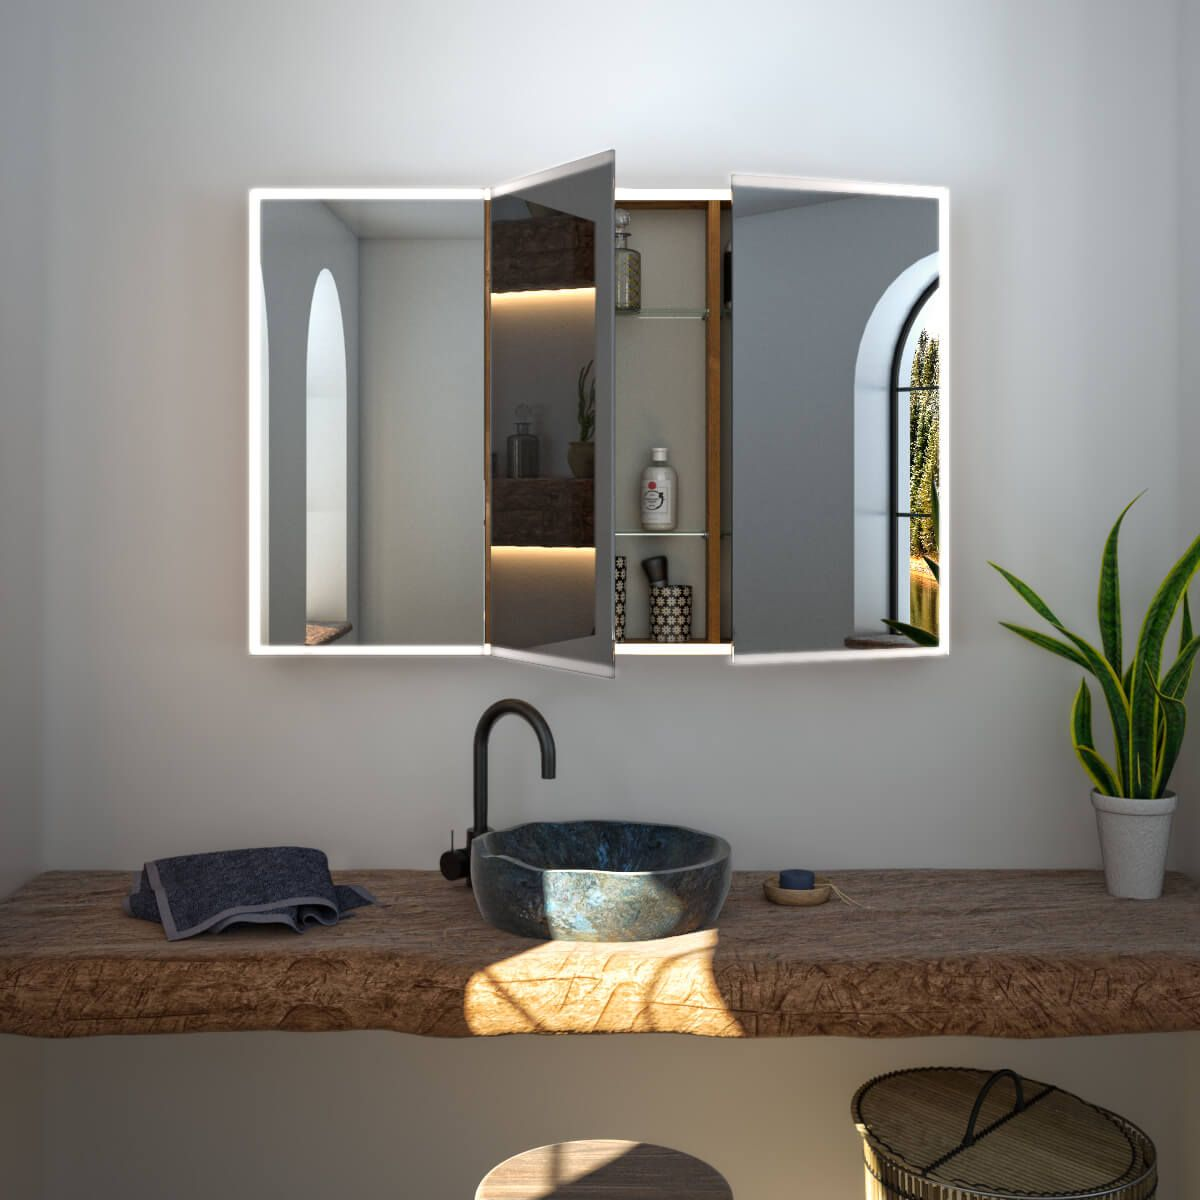 Badezimmer eitelkeiten 60 einzel waschbecken spiegelschrank nach maß mit led credo u bild   wohnung in